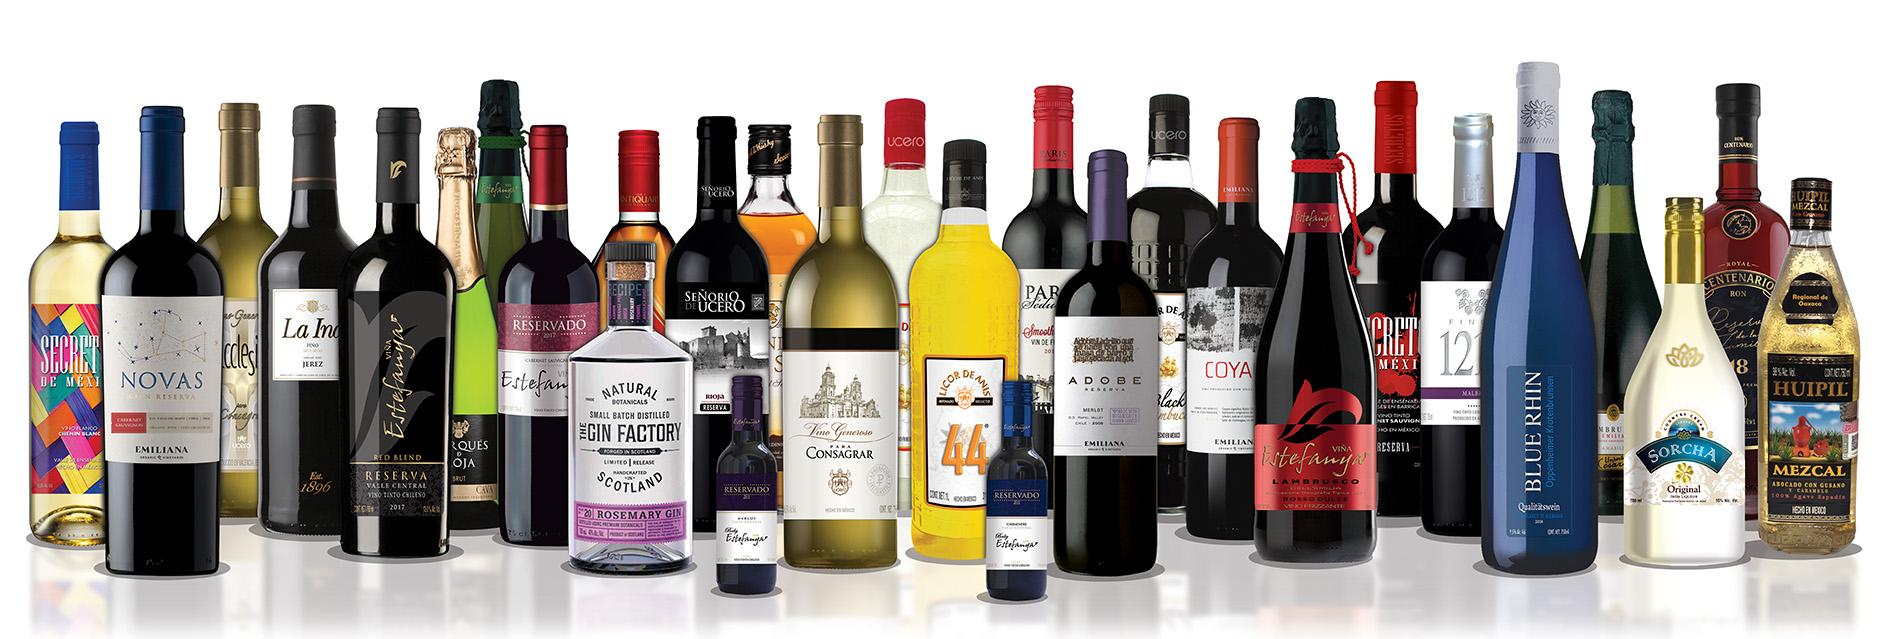 Vinos, Licores, botanicos, sales, regalos y mucho mas...!!